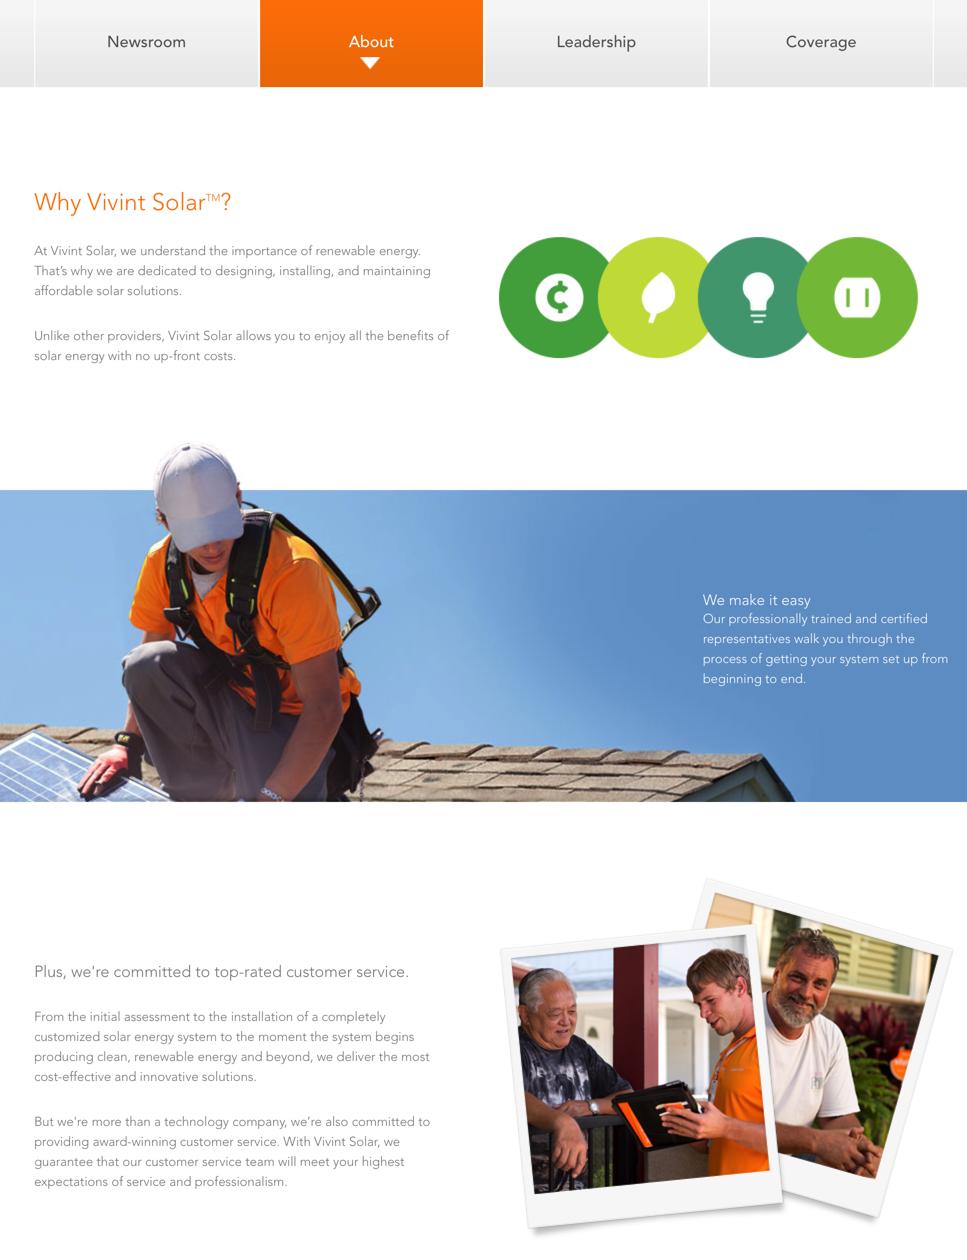 vivint solar review 2017 consumeraffairs page 2 about vivint solar